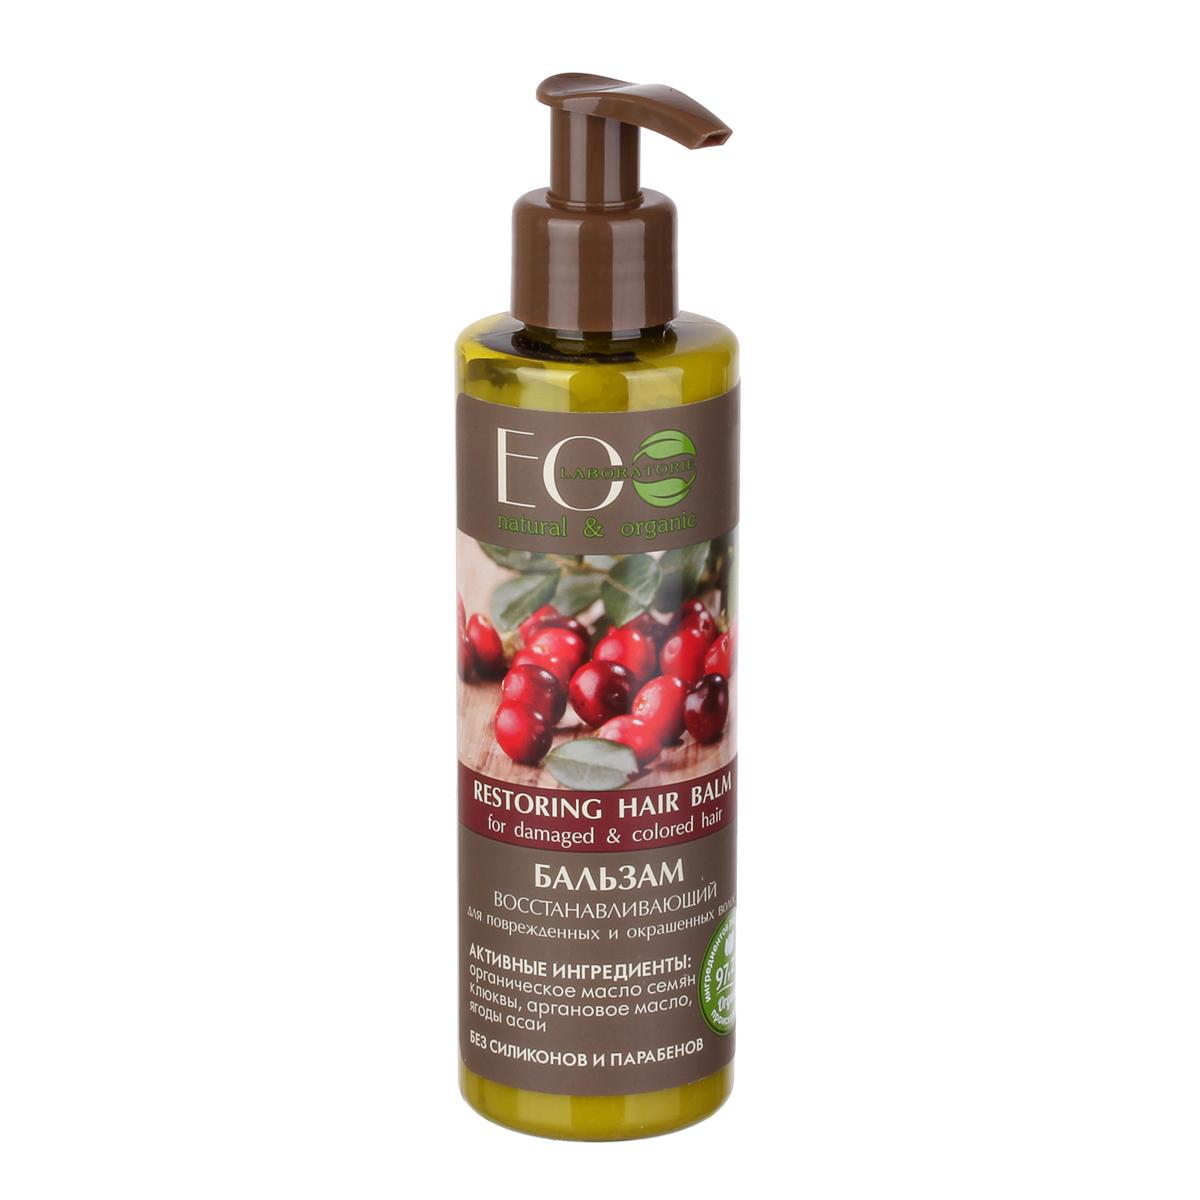 EcoLab ЭкоЛаб Бальзам Восстанавливающий 200 мл071-6-8038Предотвращает ломкость и потерю волос, улучшает структуру поврежденных волос, ухаживает за волосами по всей длине. Сочетает питательное и увлажняющее действие. Активные ингредиенты: органическое масло семян клюквы, аргановое масло, экстракт ягод асаи.